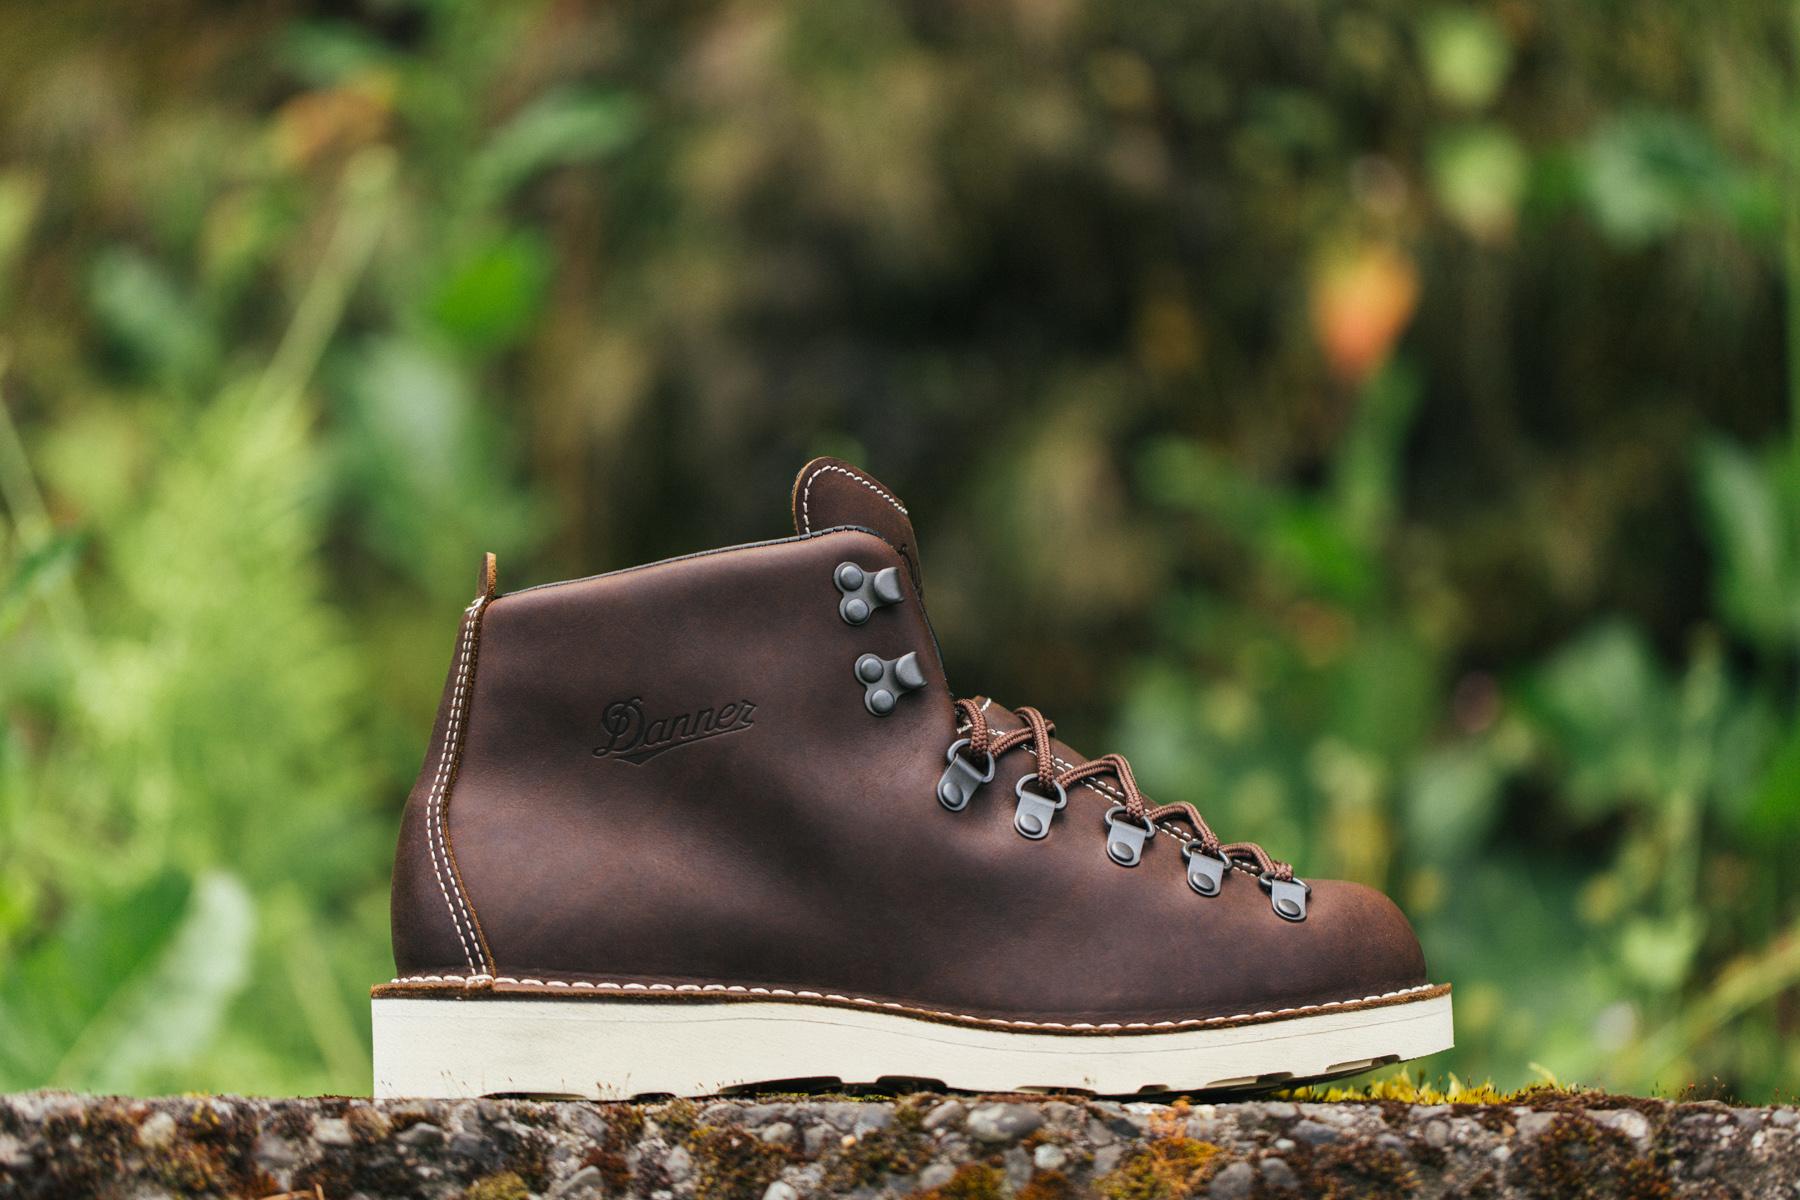 COMME des GARÇONS x Danner 2013 Fall Mountain Light Boot